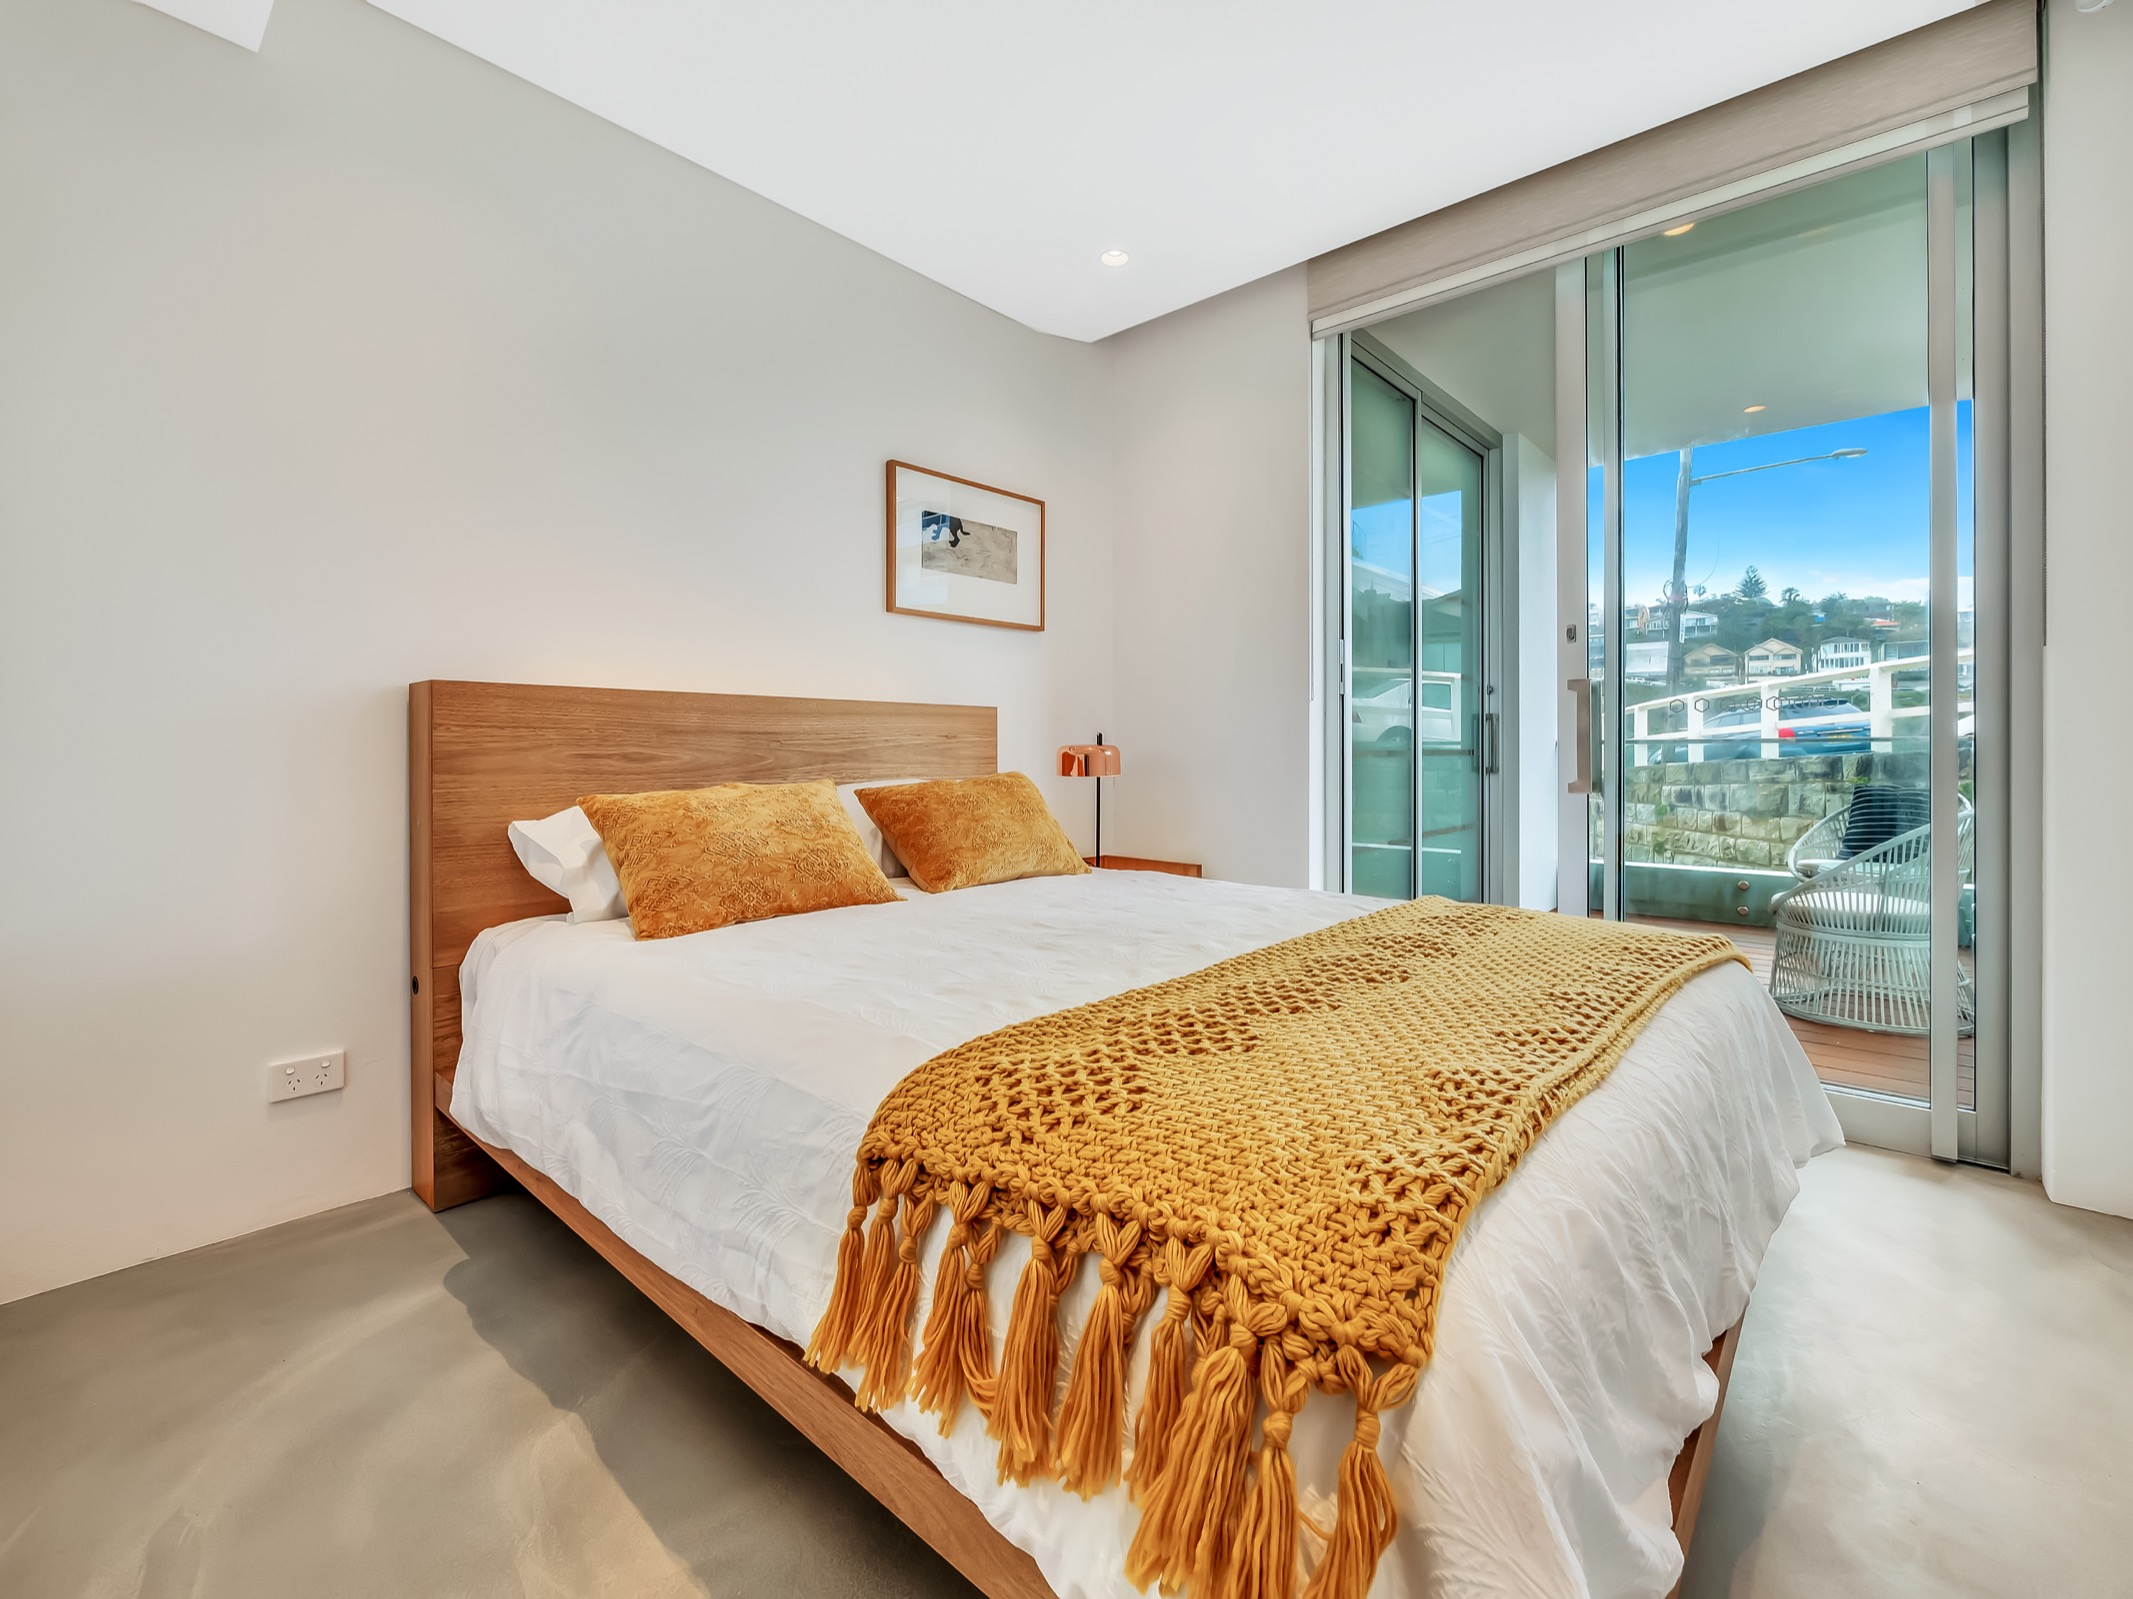 Beachfront Suite Tamarama. Bondi Beach Holiday Homes9.jpg